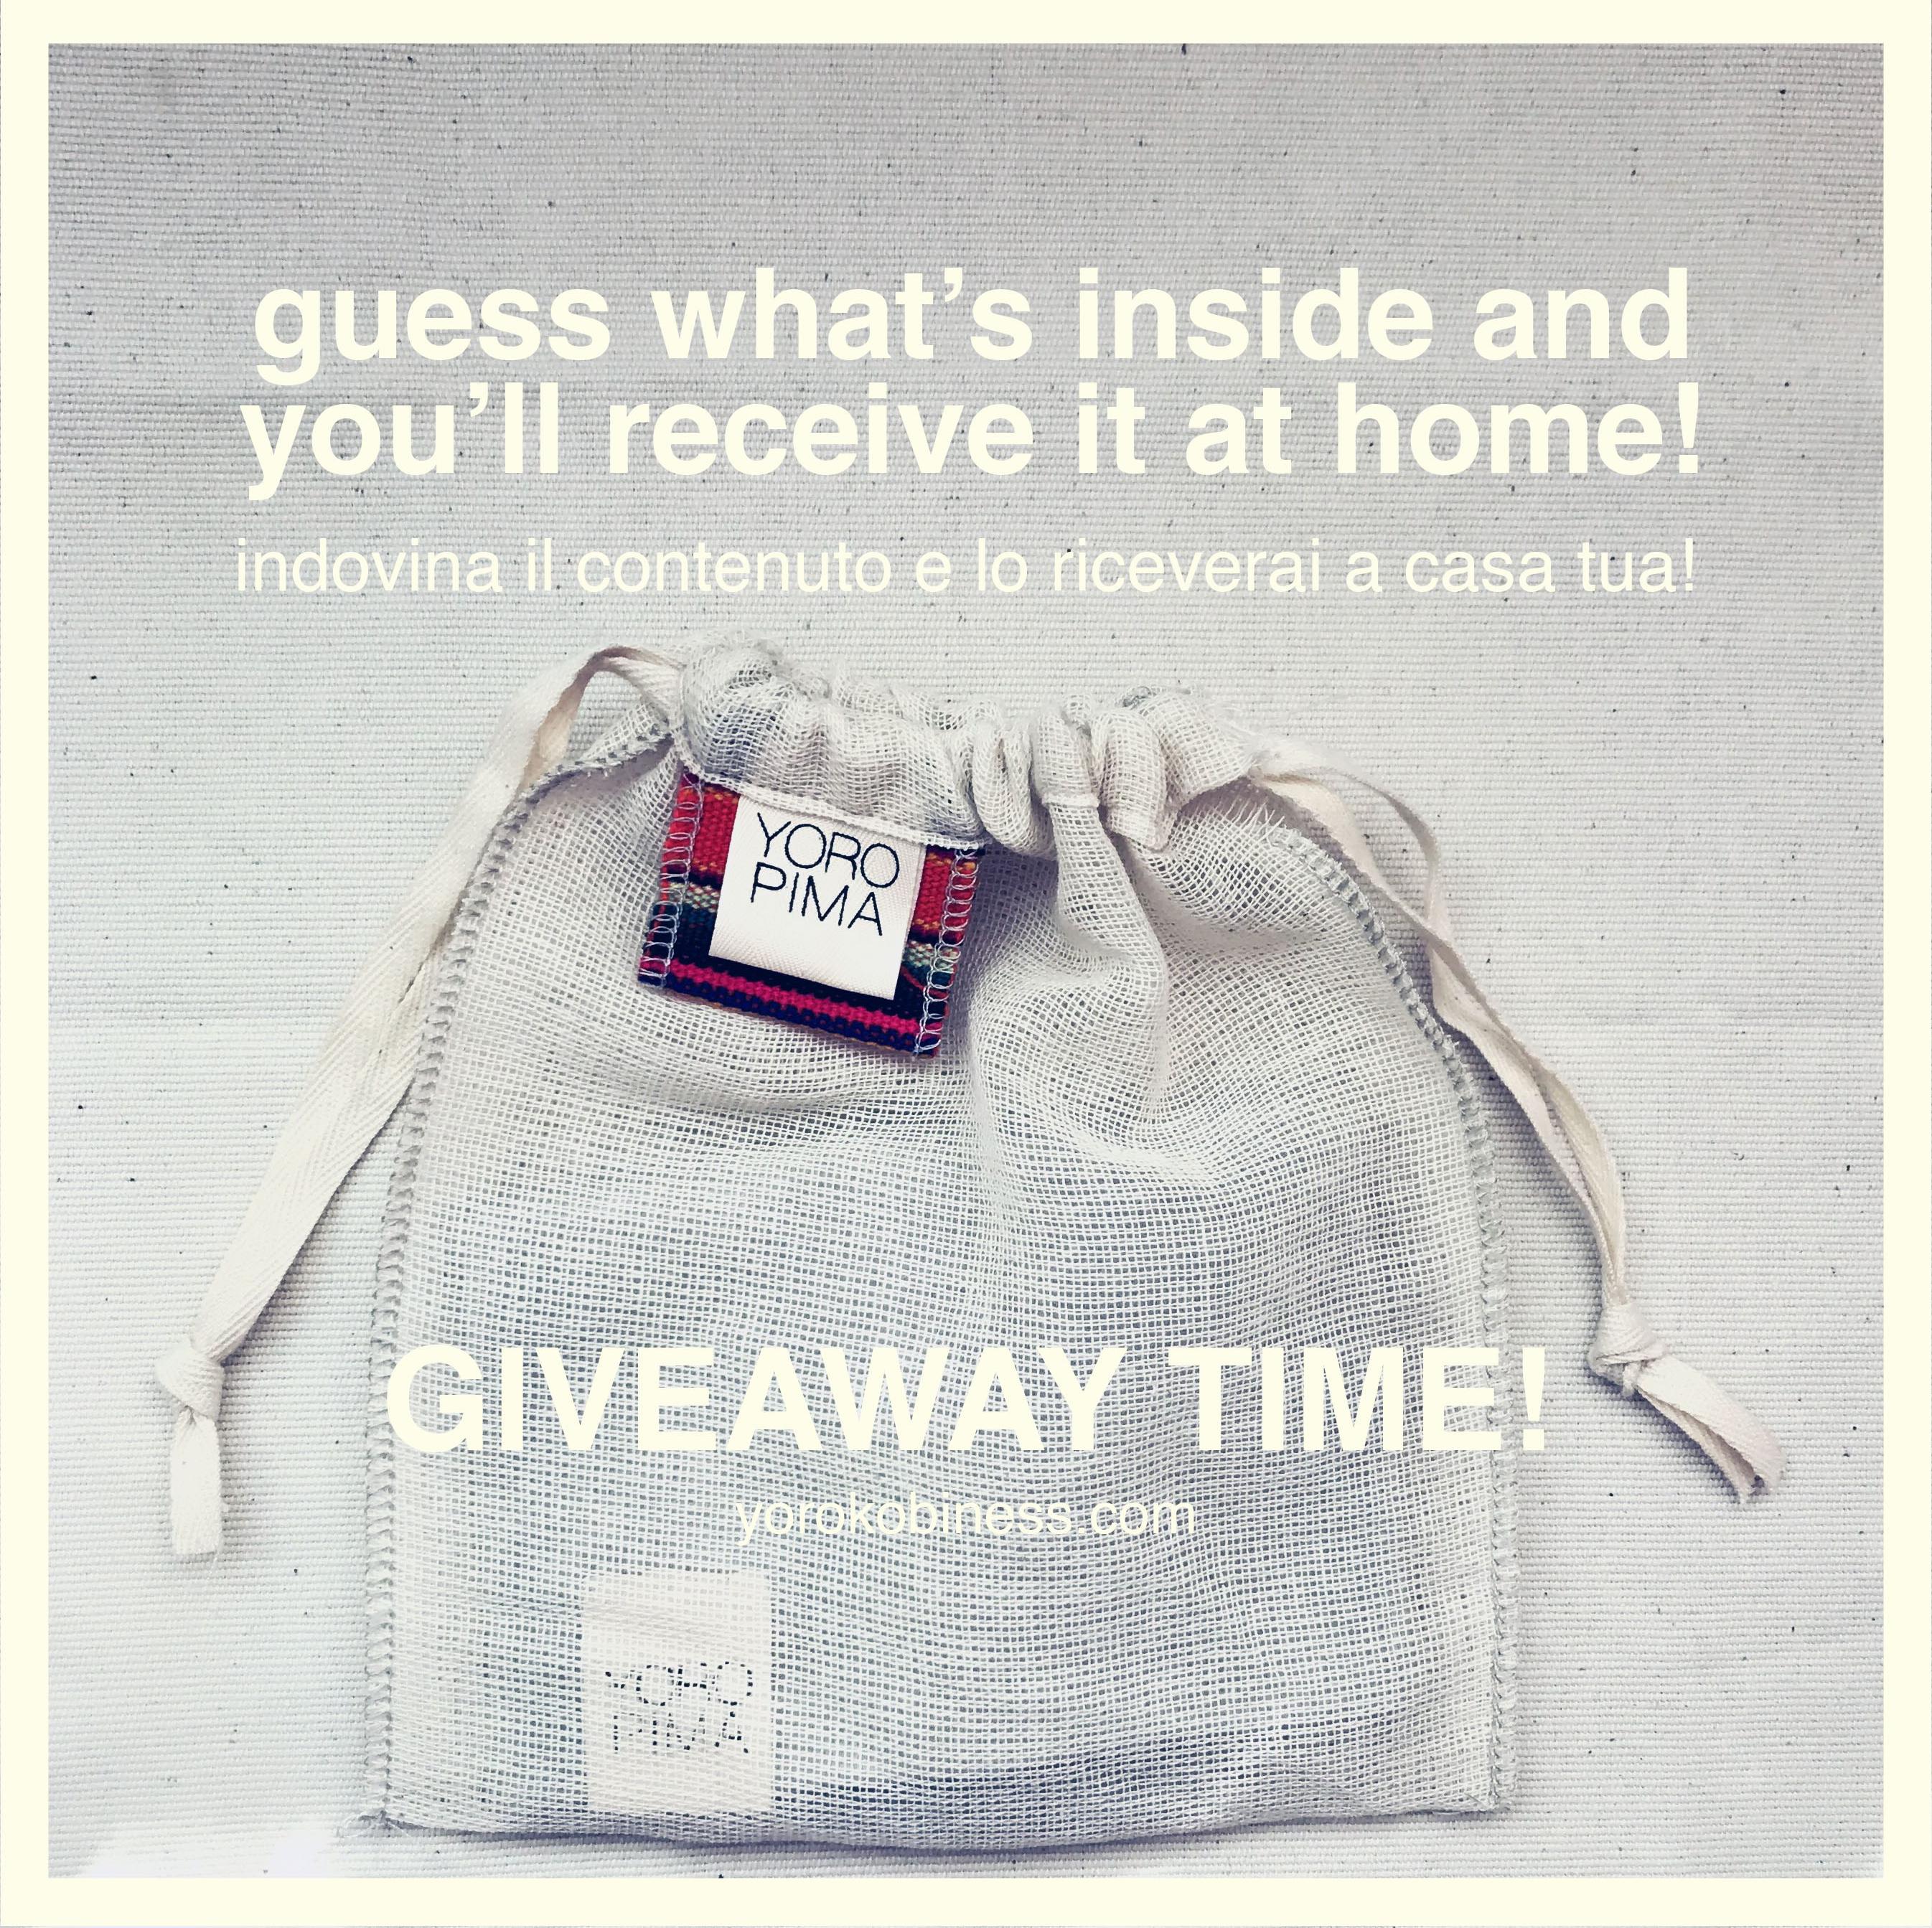 IMG_9951_insta_contest